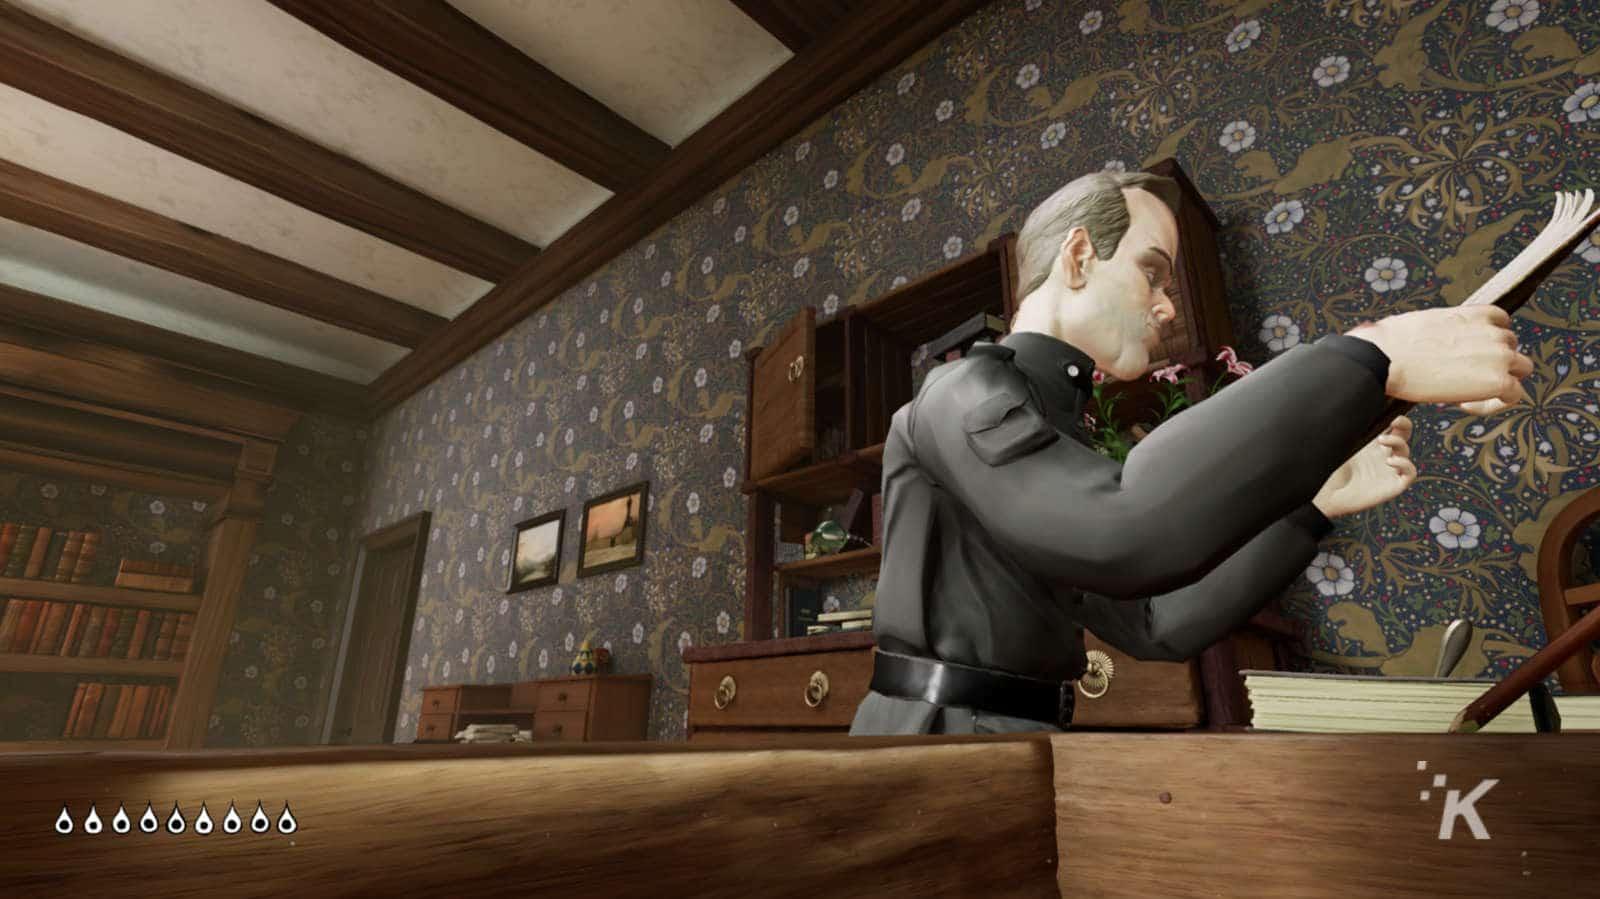 secret policeman in metamorphosis game